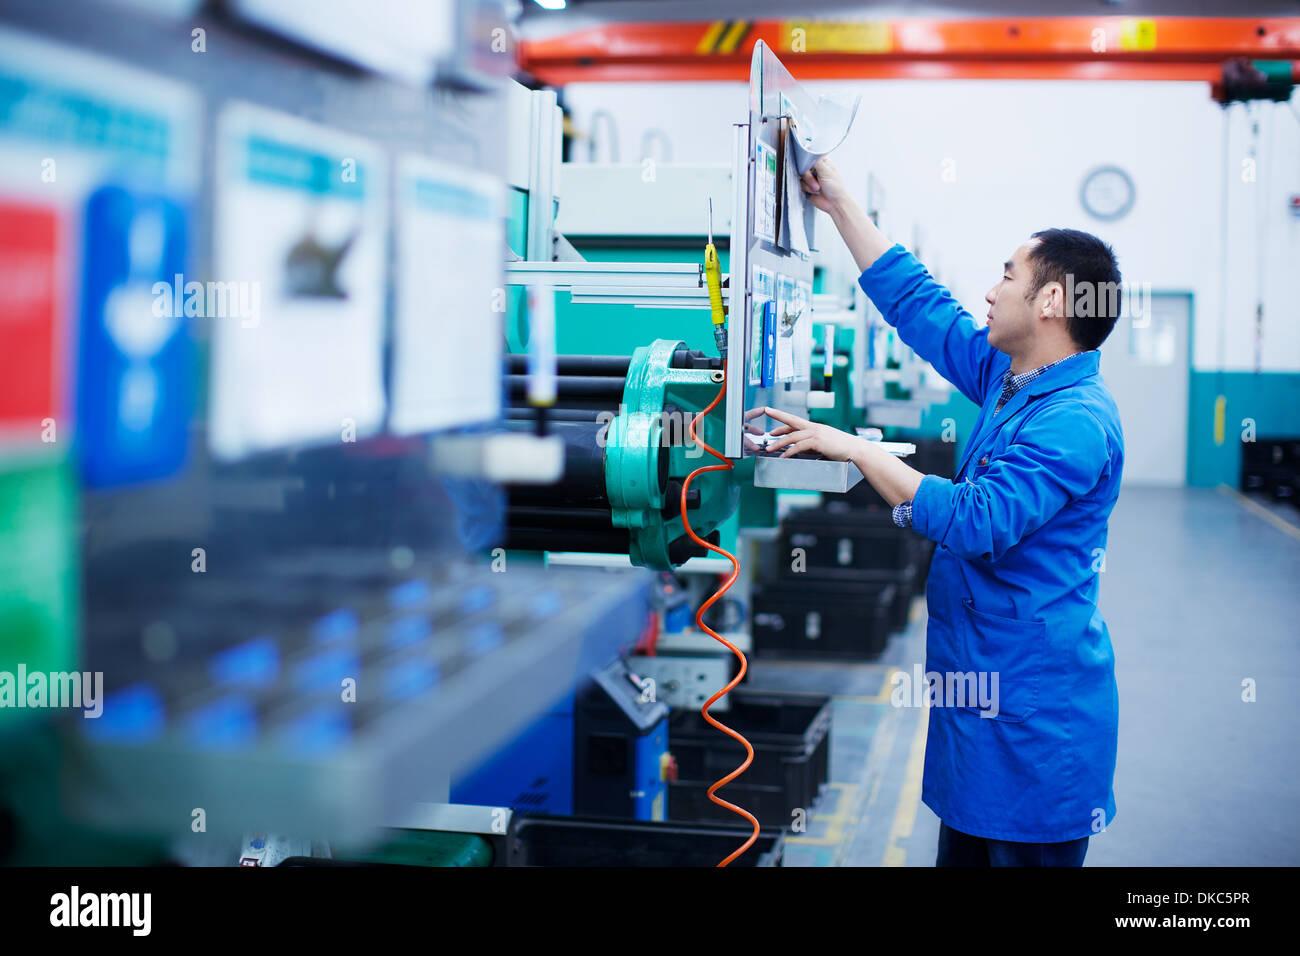 Travailleur de l'usine de fabrication de petites pièces en Chine, atteignant jusqu'à appuyer sur le bouton du panneau de contrôle. Photo Stock